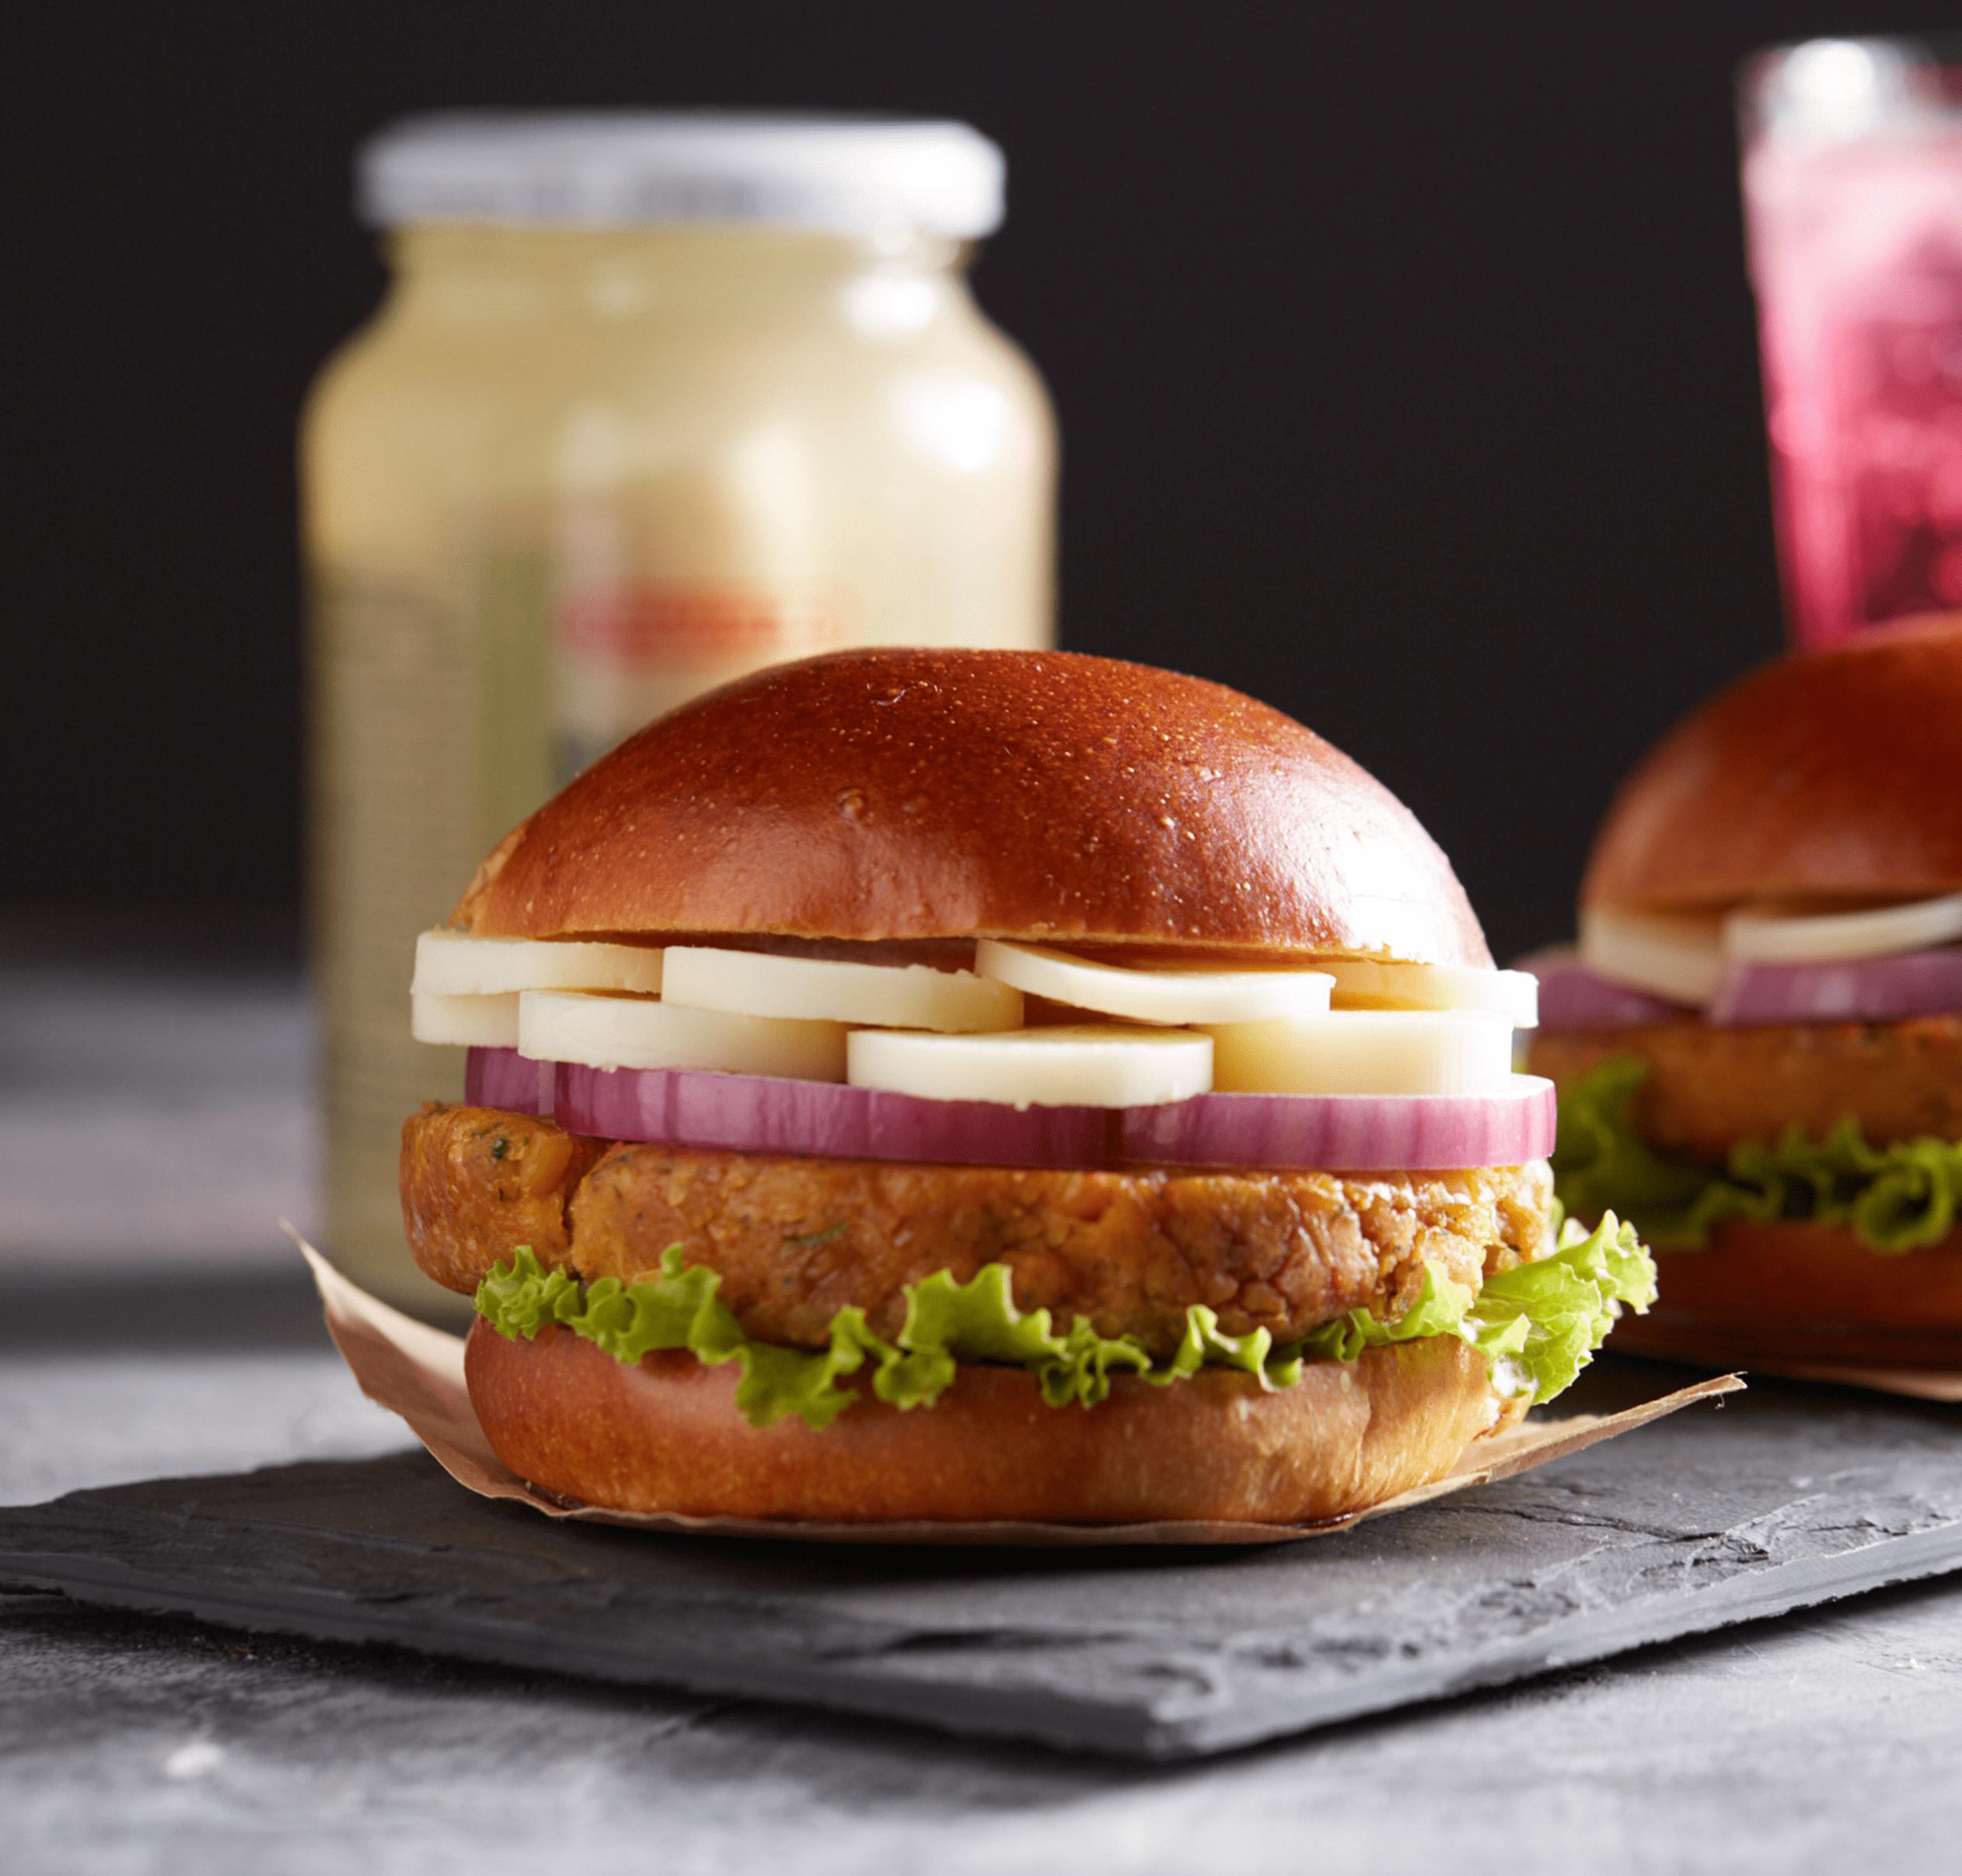 hamburguer-falafel-palmito-pupunha-oliveira